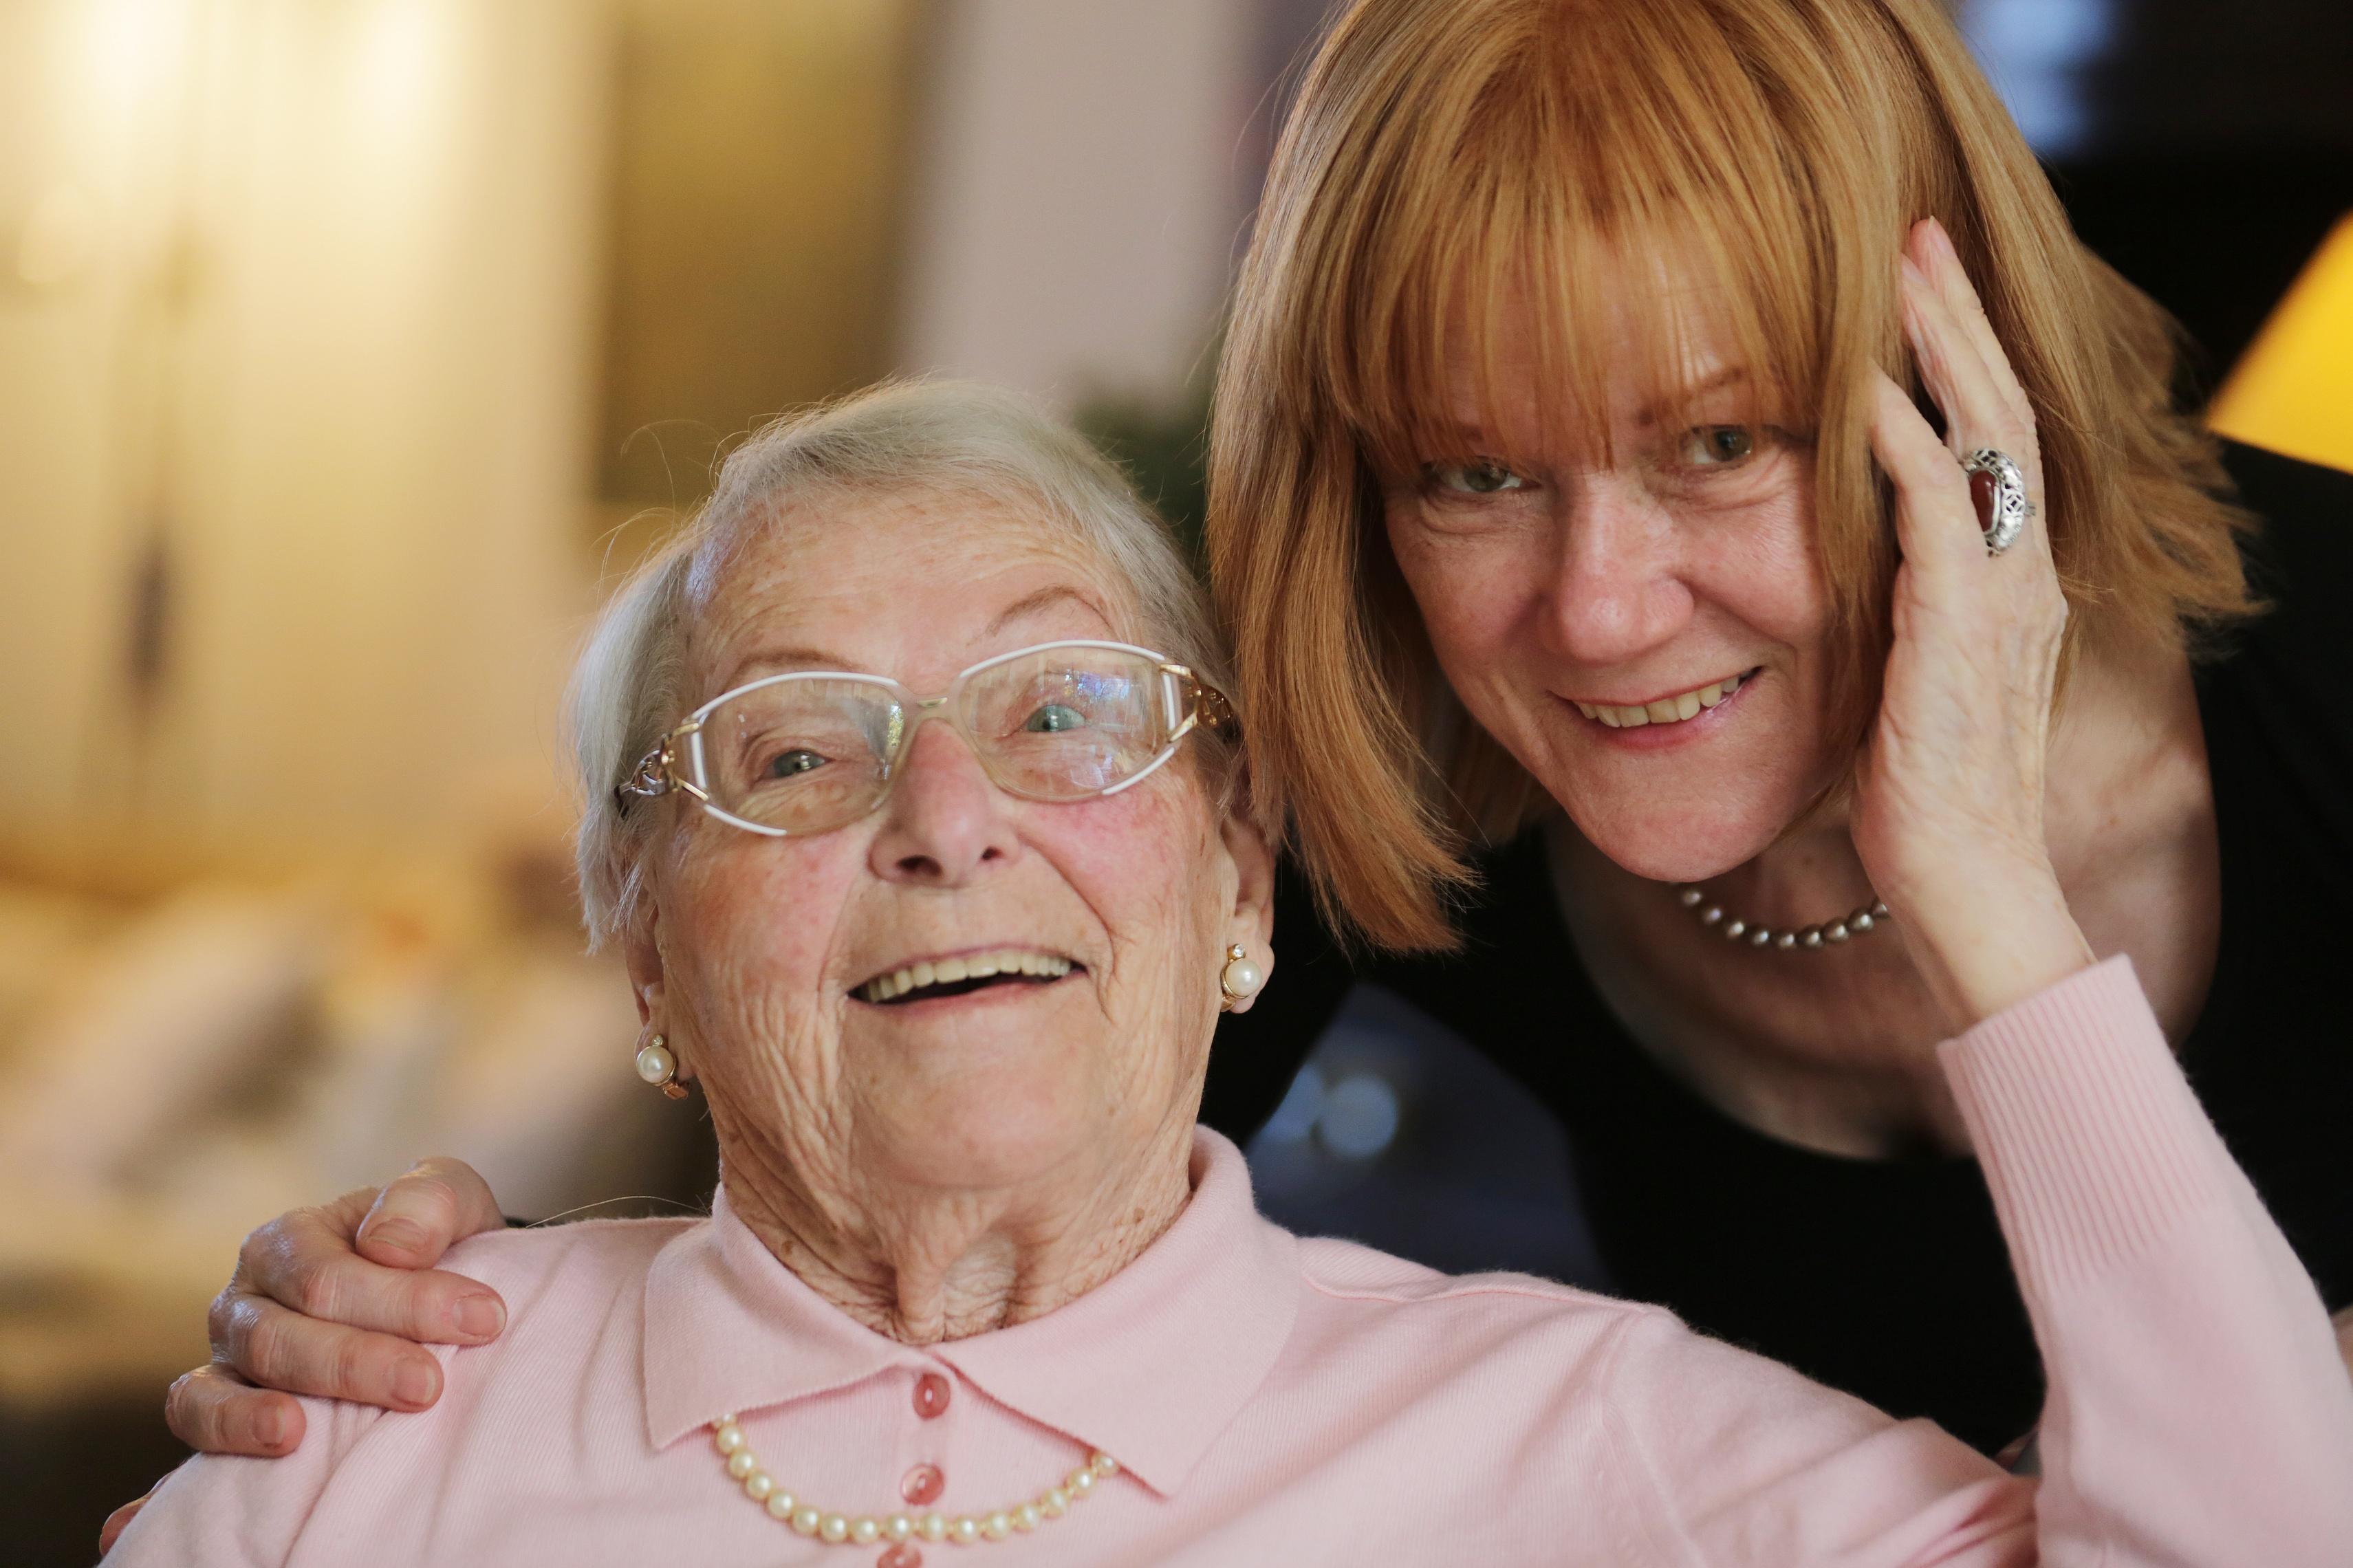 Informationen zur Demenz-Erkrankung und zu Entlastungsangeboten für pflegende Angehörige.